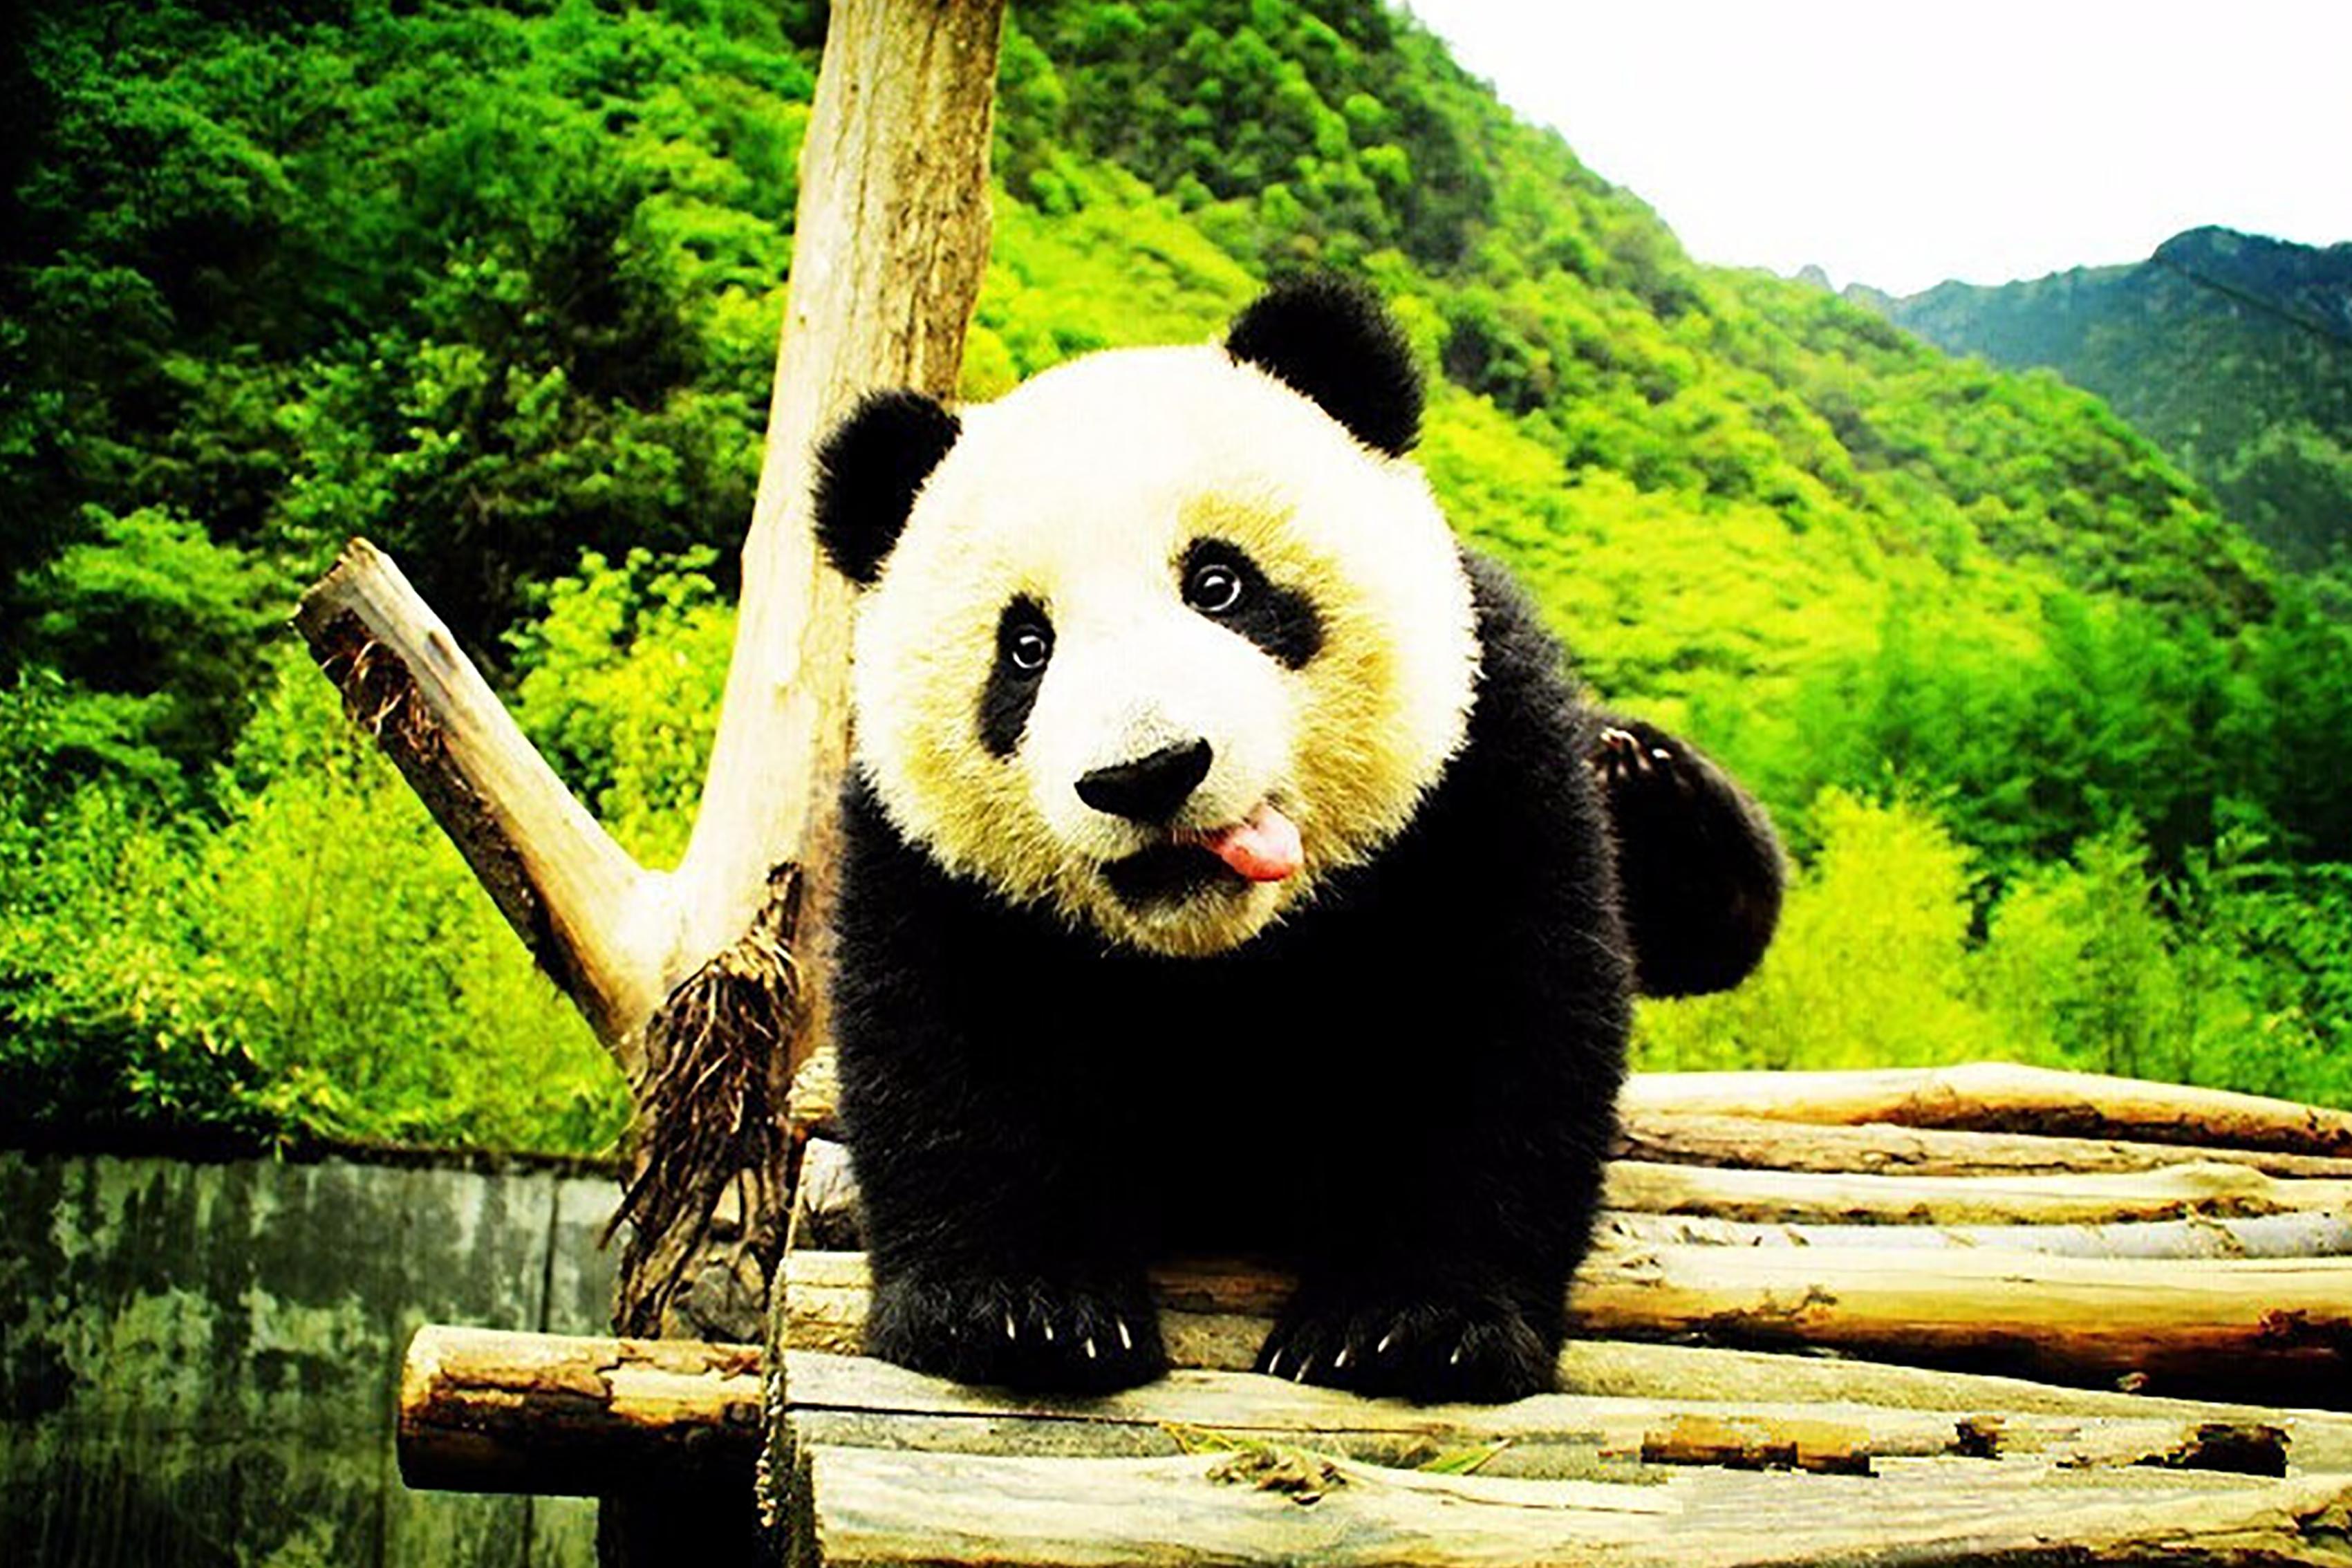 成都大熊猫繁育基地、都江堰景区1日深度游[VIP专享特制午餐、无限耳麦讲解、赠川剧变脸秀、赠矿泉水]赠送每人一只熊猫公仔